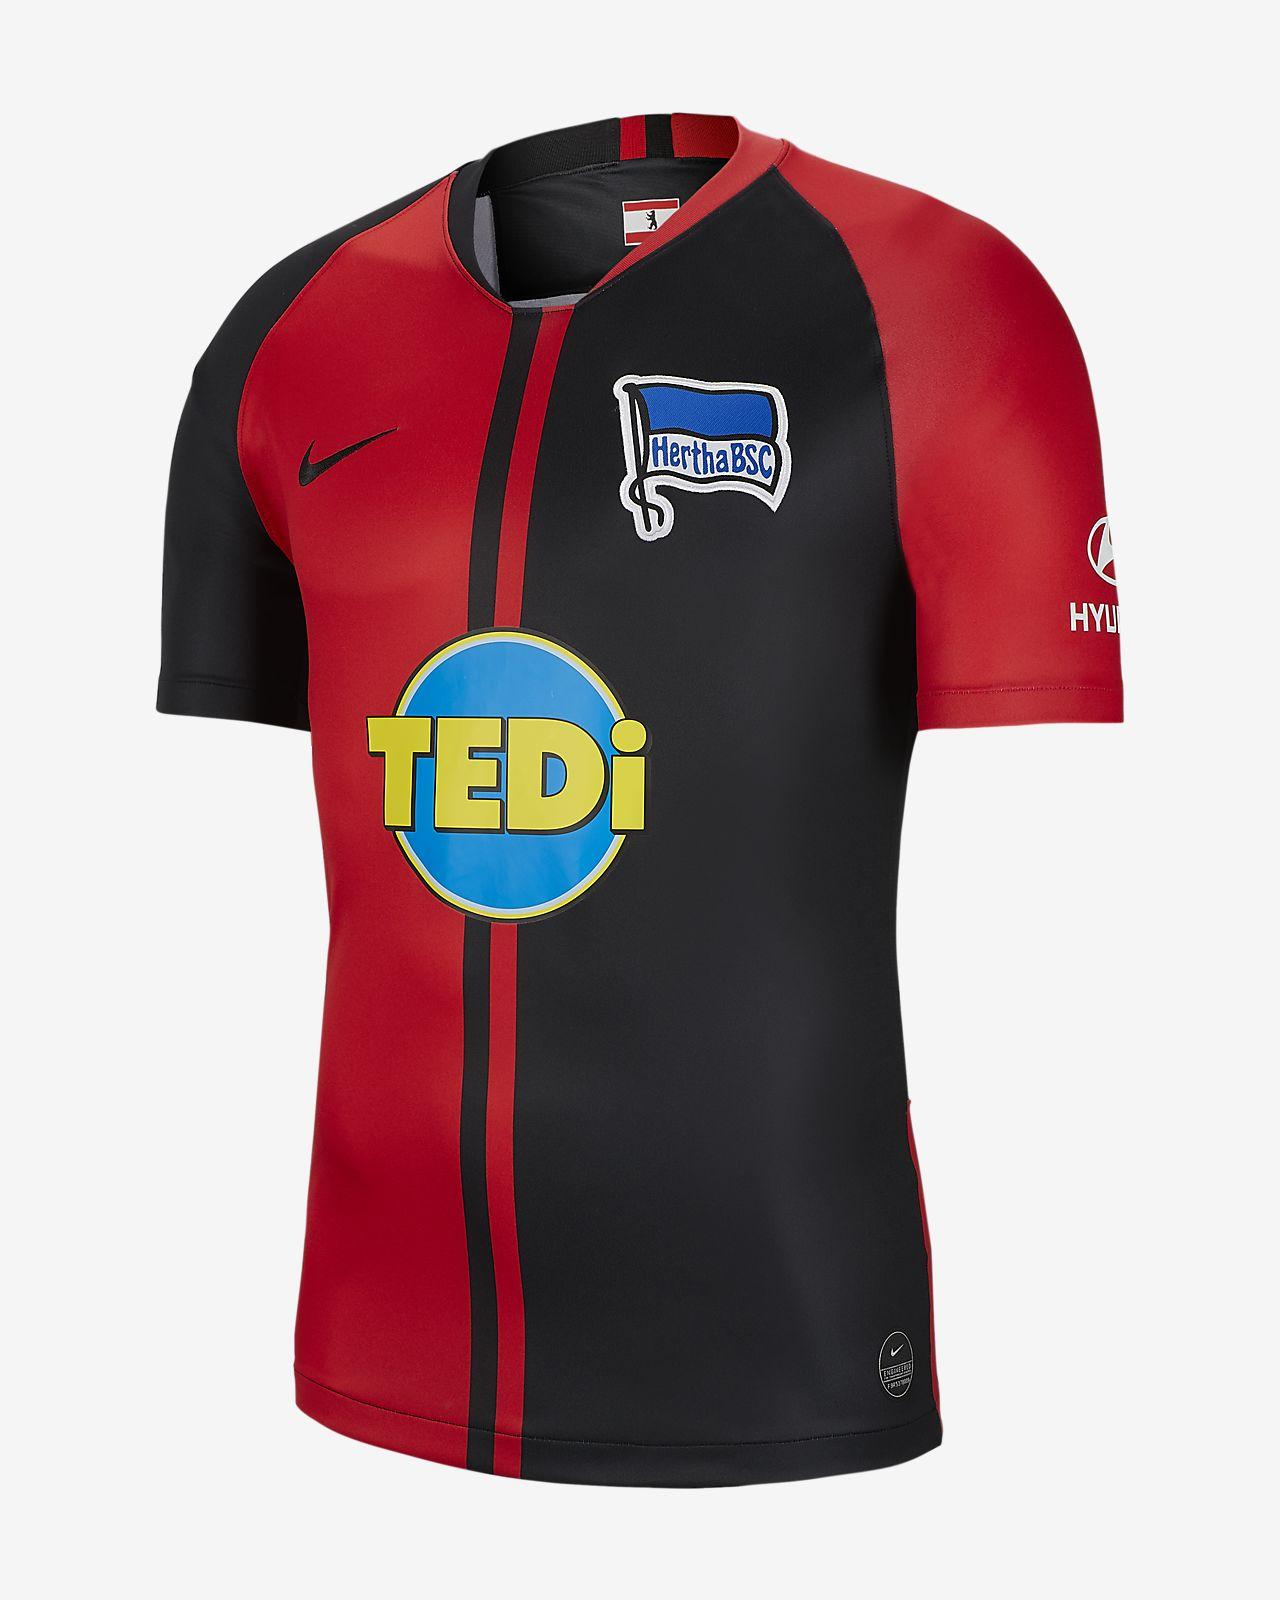 Hertha BSC 2019/20 Stadium Away Men's Football Shirt